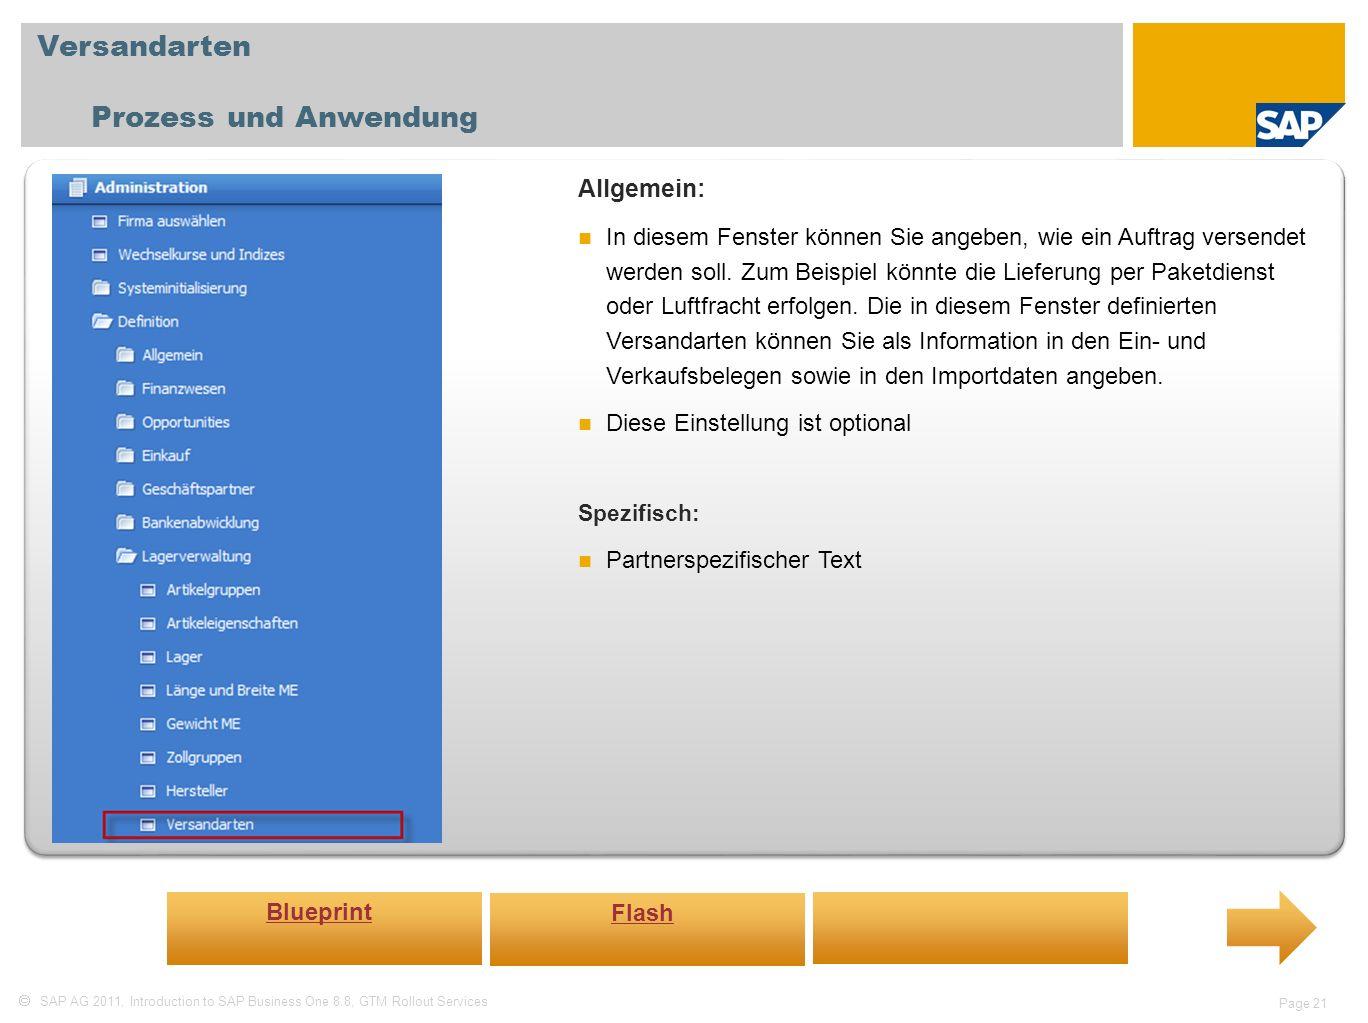 SAP AG 2011, Introduction to SAP Business One 8.8, GTM Rollout Services Page 21 Versandarten Prozess und Anwendung Allgemein: In diesem Fenster können